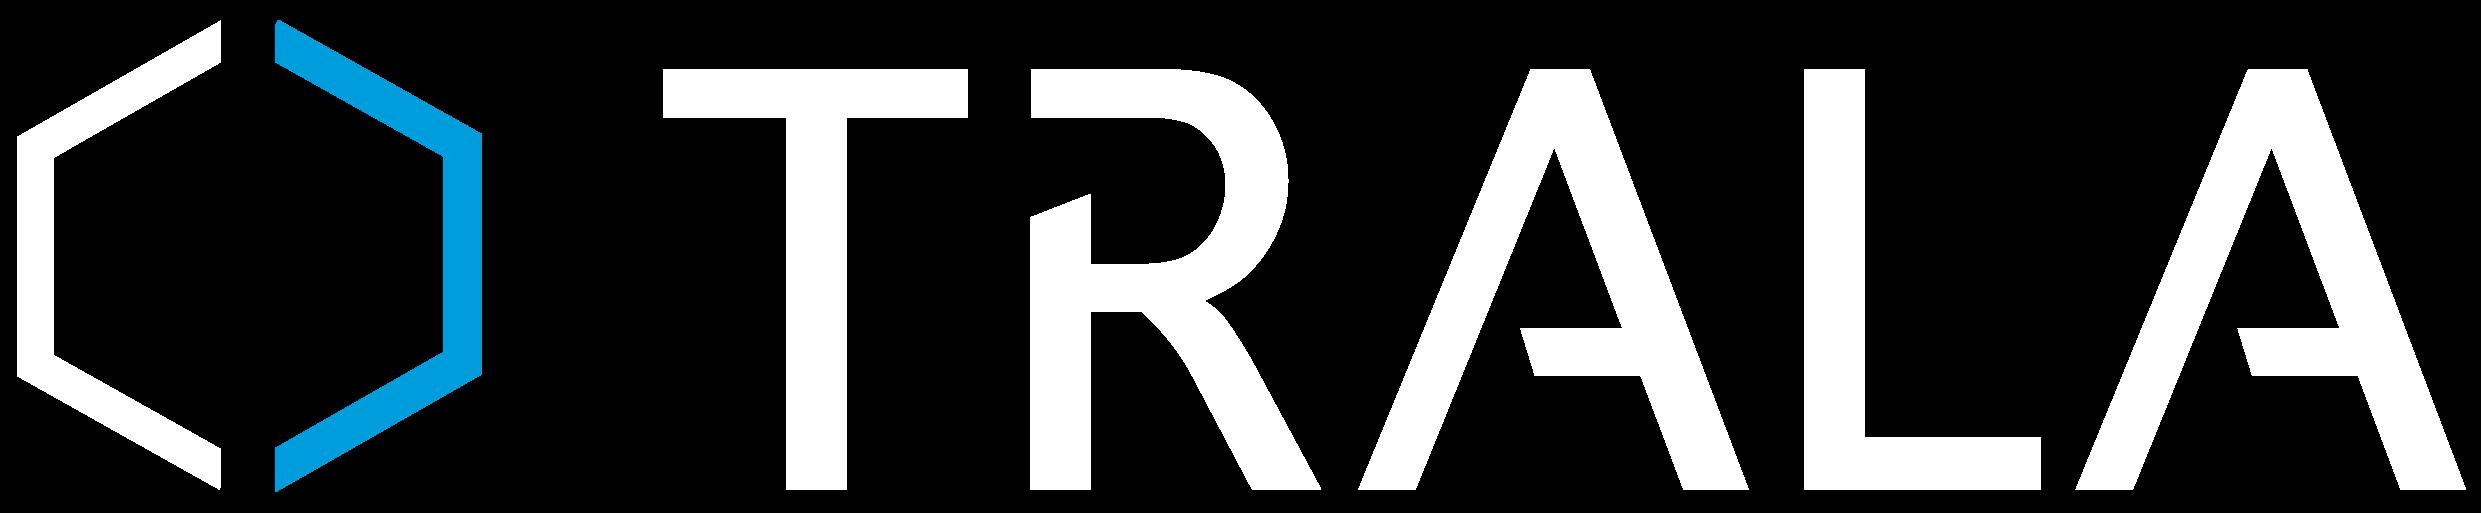 Trala Automaatio Oy:n valkosininen logo.